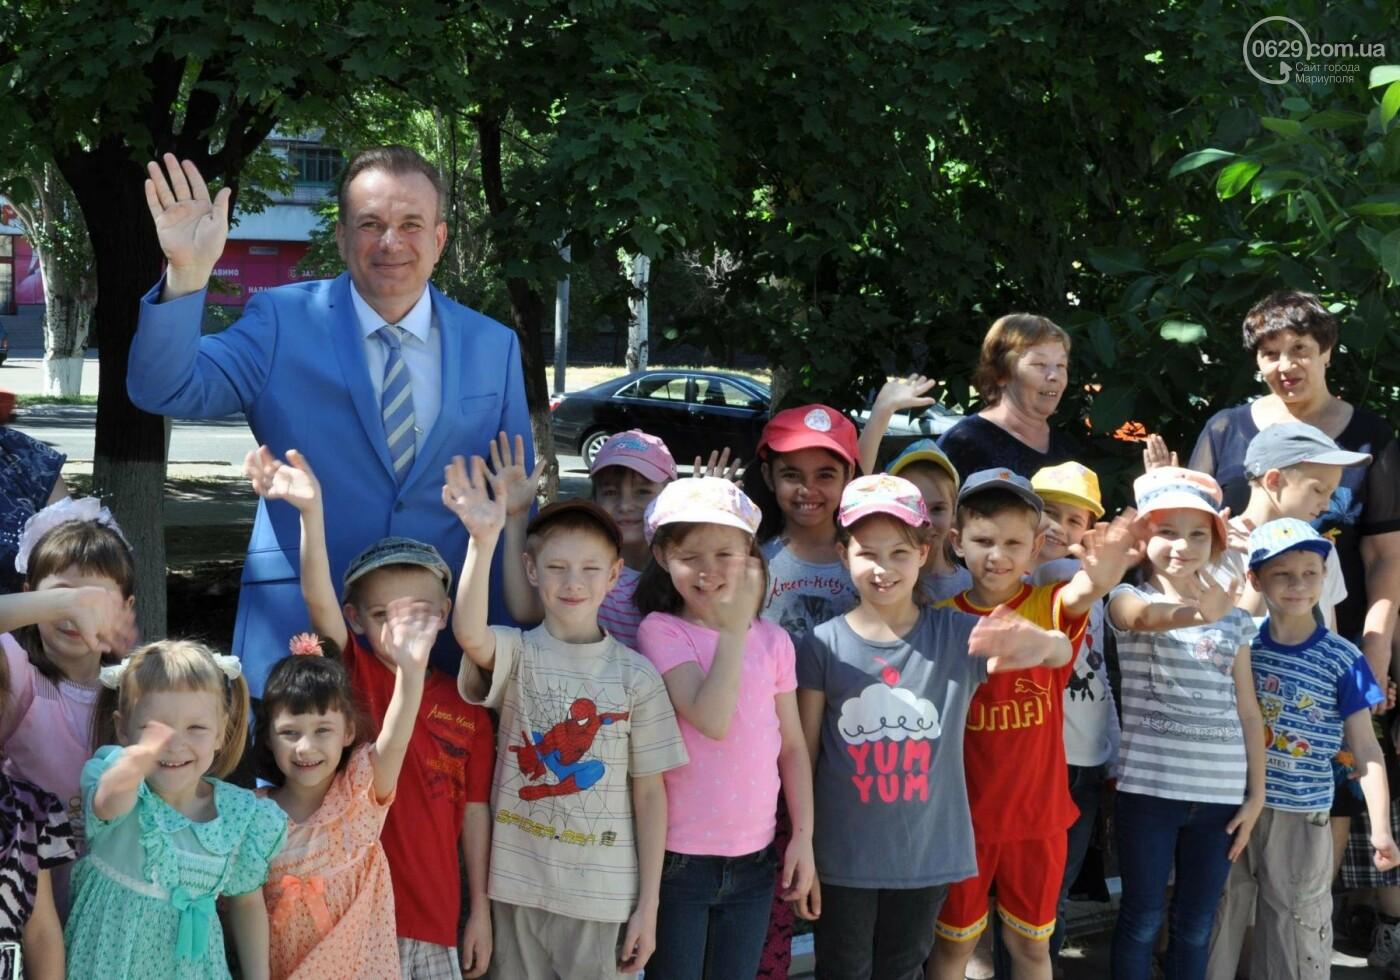 В аптеке «Азовфарм» провели праздник для детей и разыграли призы, фото-10